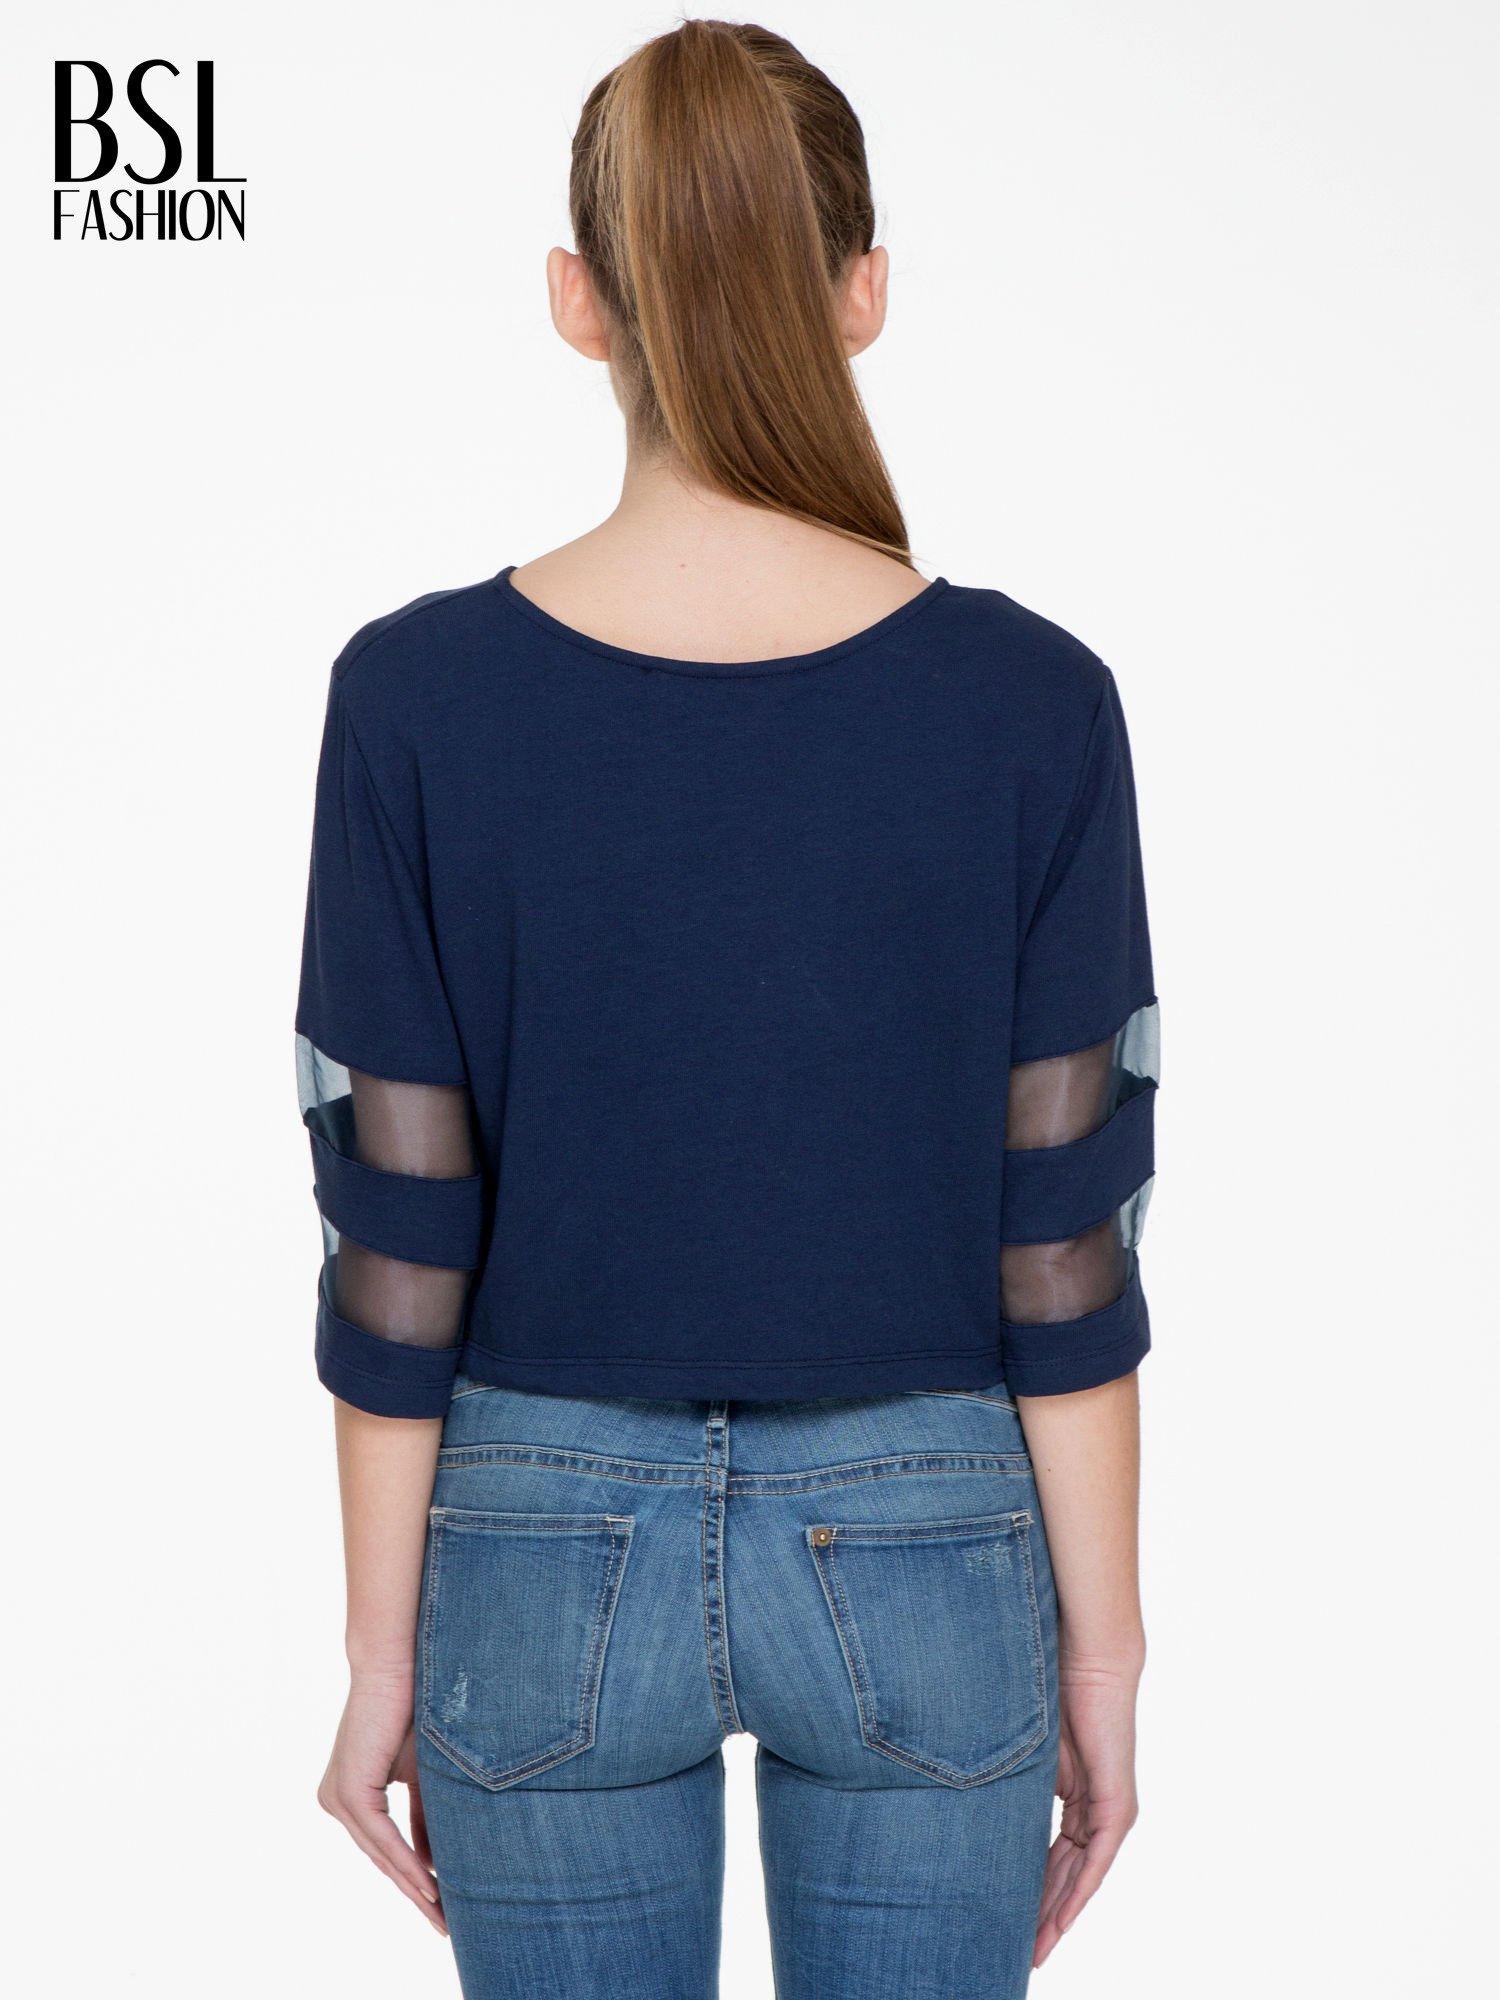 Granatowy cropped t-shirt z transparentnymi rękawami                                  zdj.                                  4